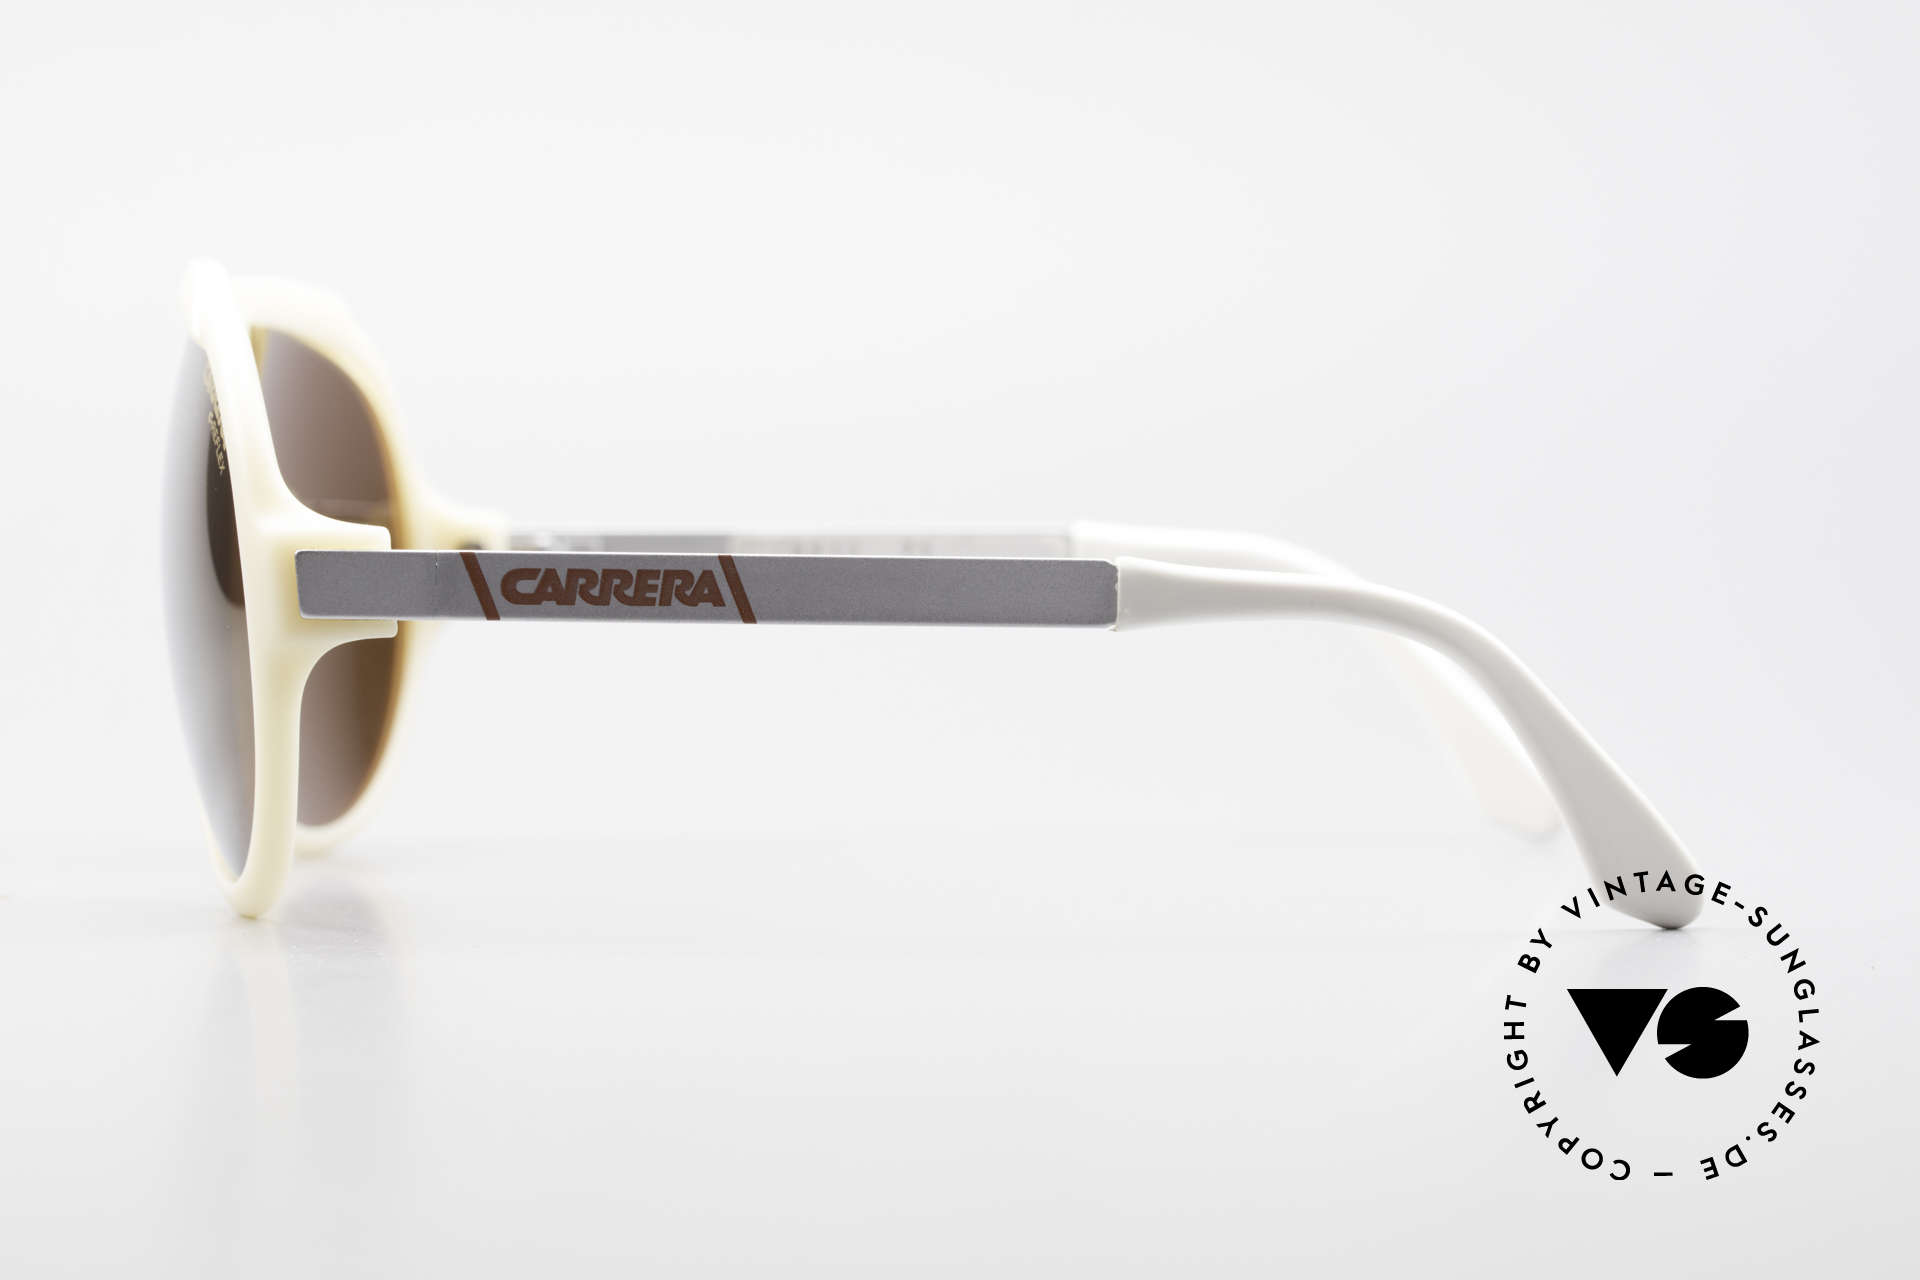 Carrera 5512 Miami Vice Brille Don Johnson, ungetragen & GOLD verspiegelte C-RELEX Sonnengläser, Passend für Herren